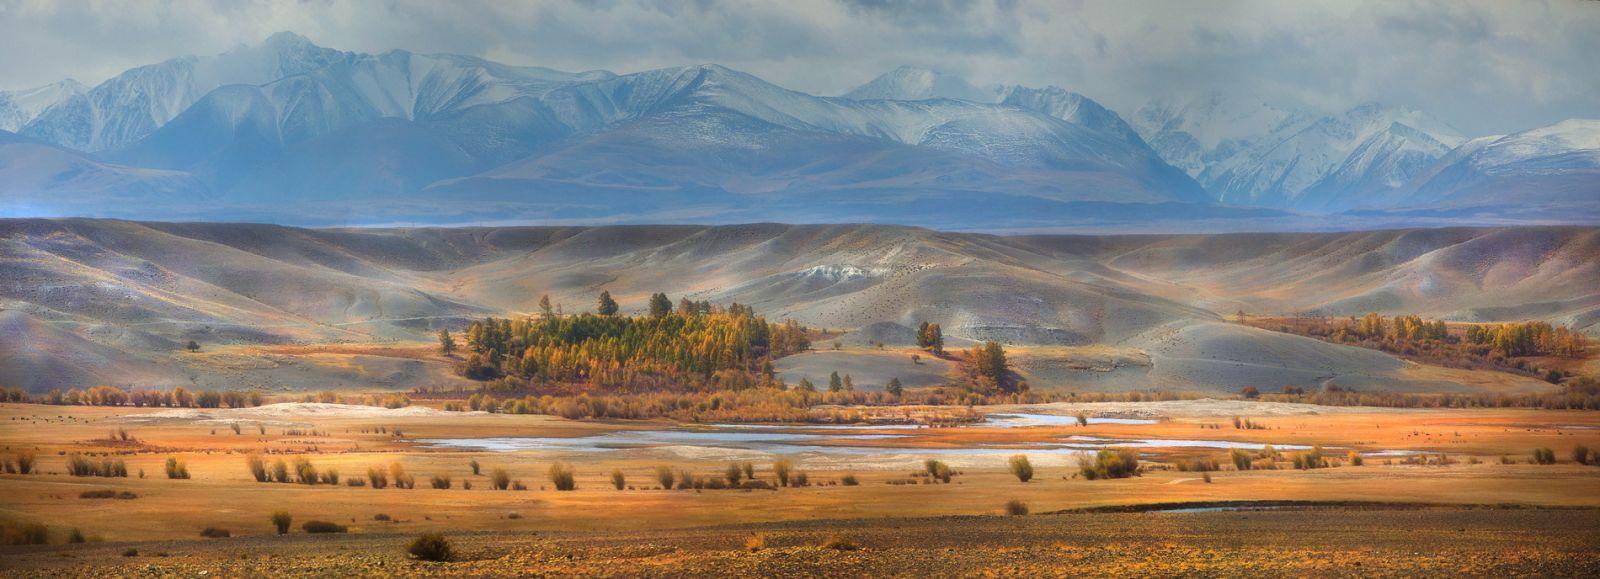 Алтайские просторы!, © Павел Сухоребриков, Финалист фотоконкурса «Самая красивая страна – 2018»